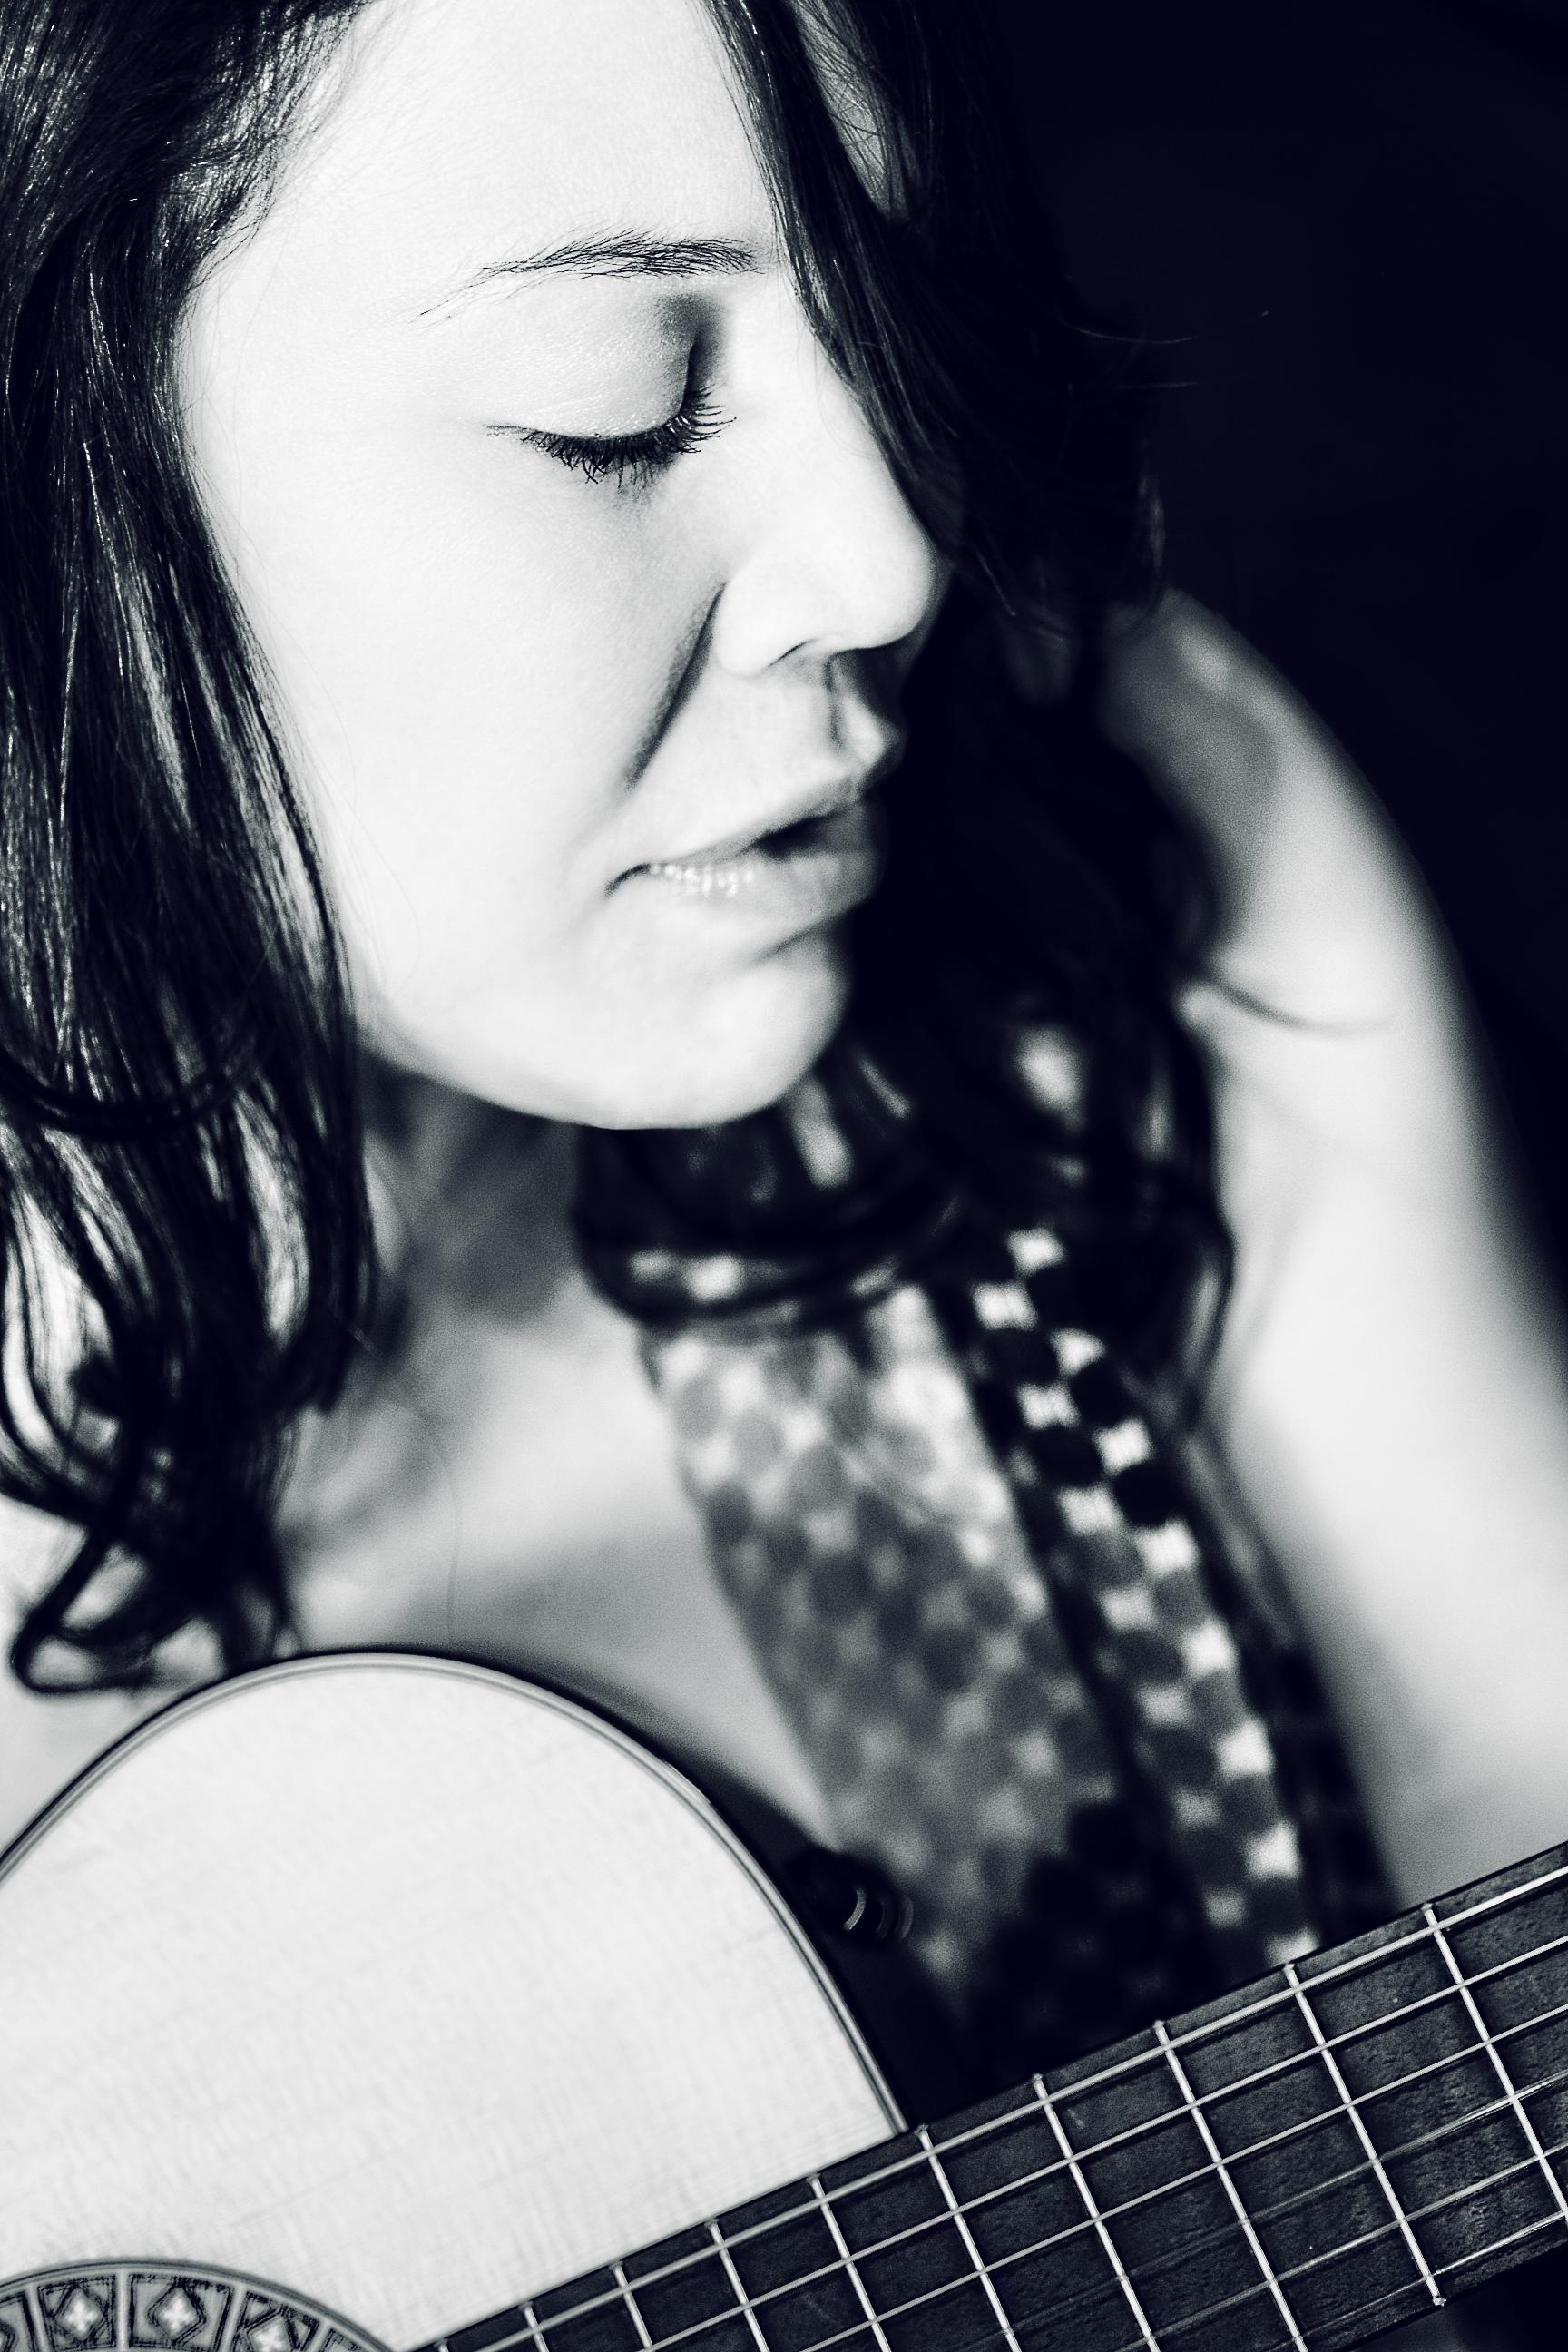 Angelene_Orleans Full.jpg